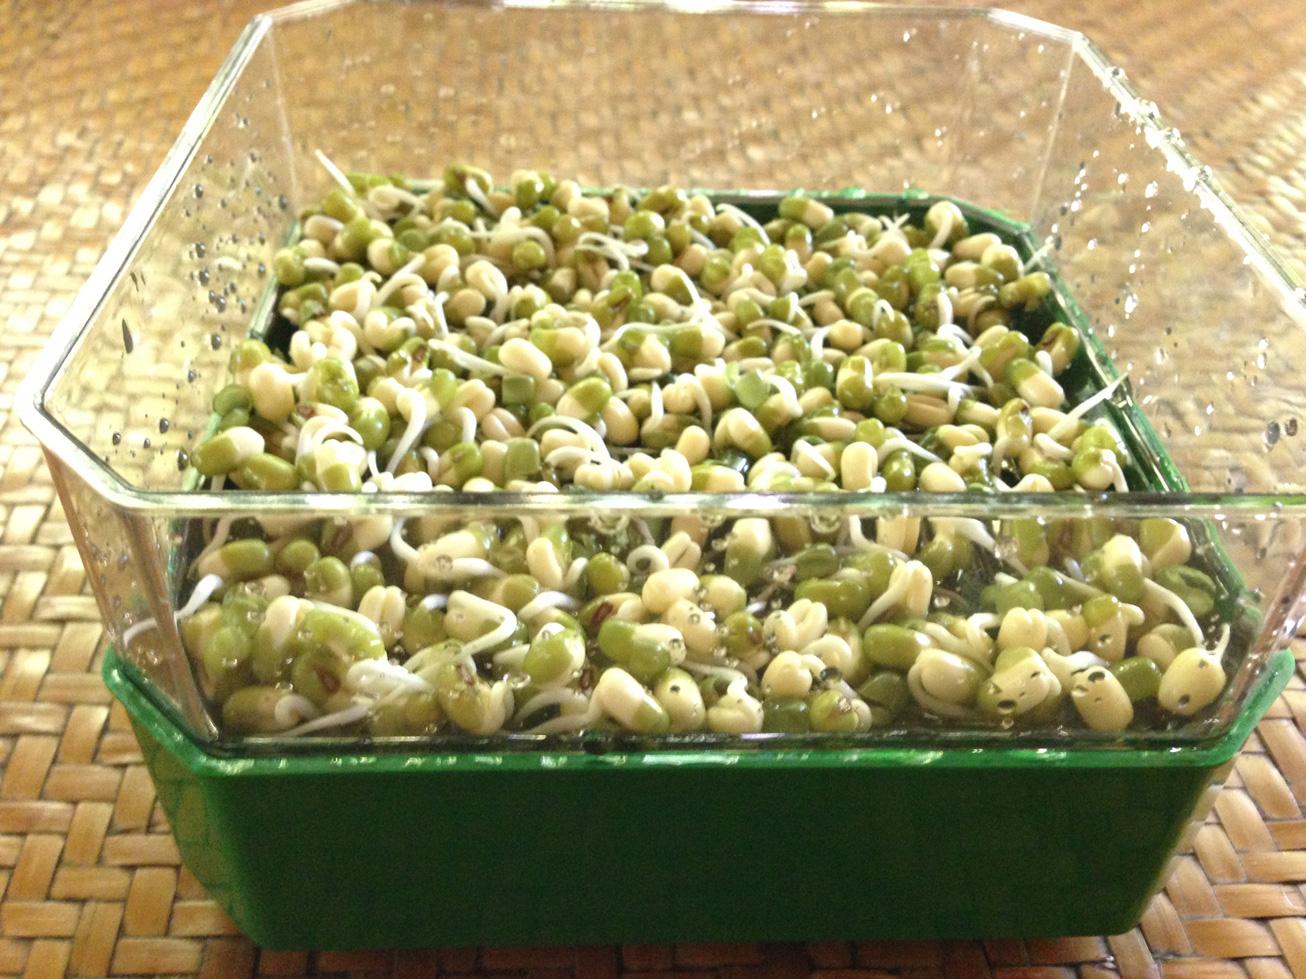 Les graines germées ont de nombreuses vertus que votre organisme appréciera